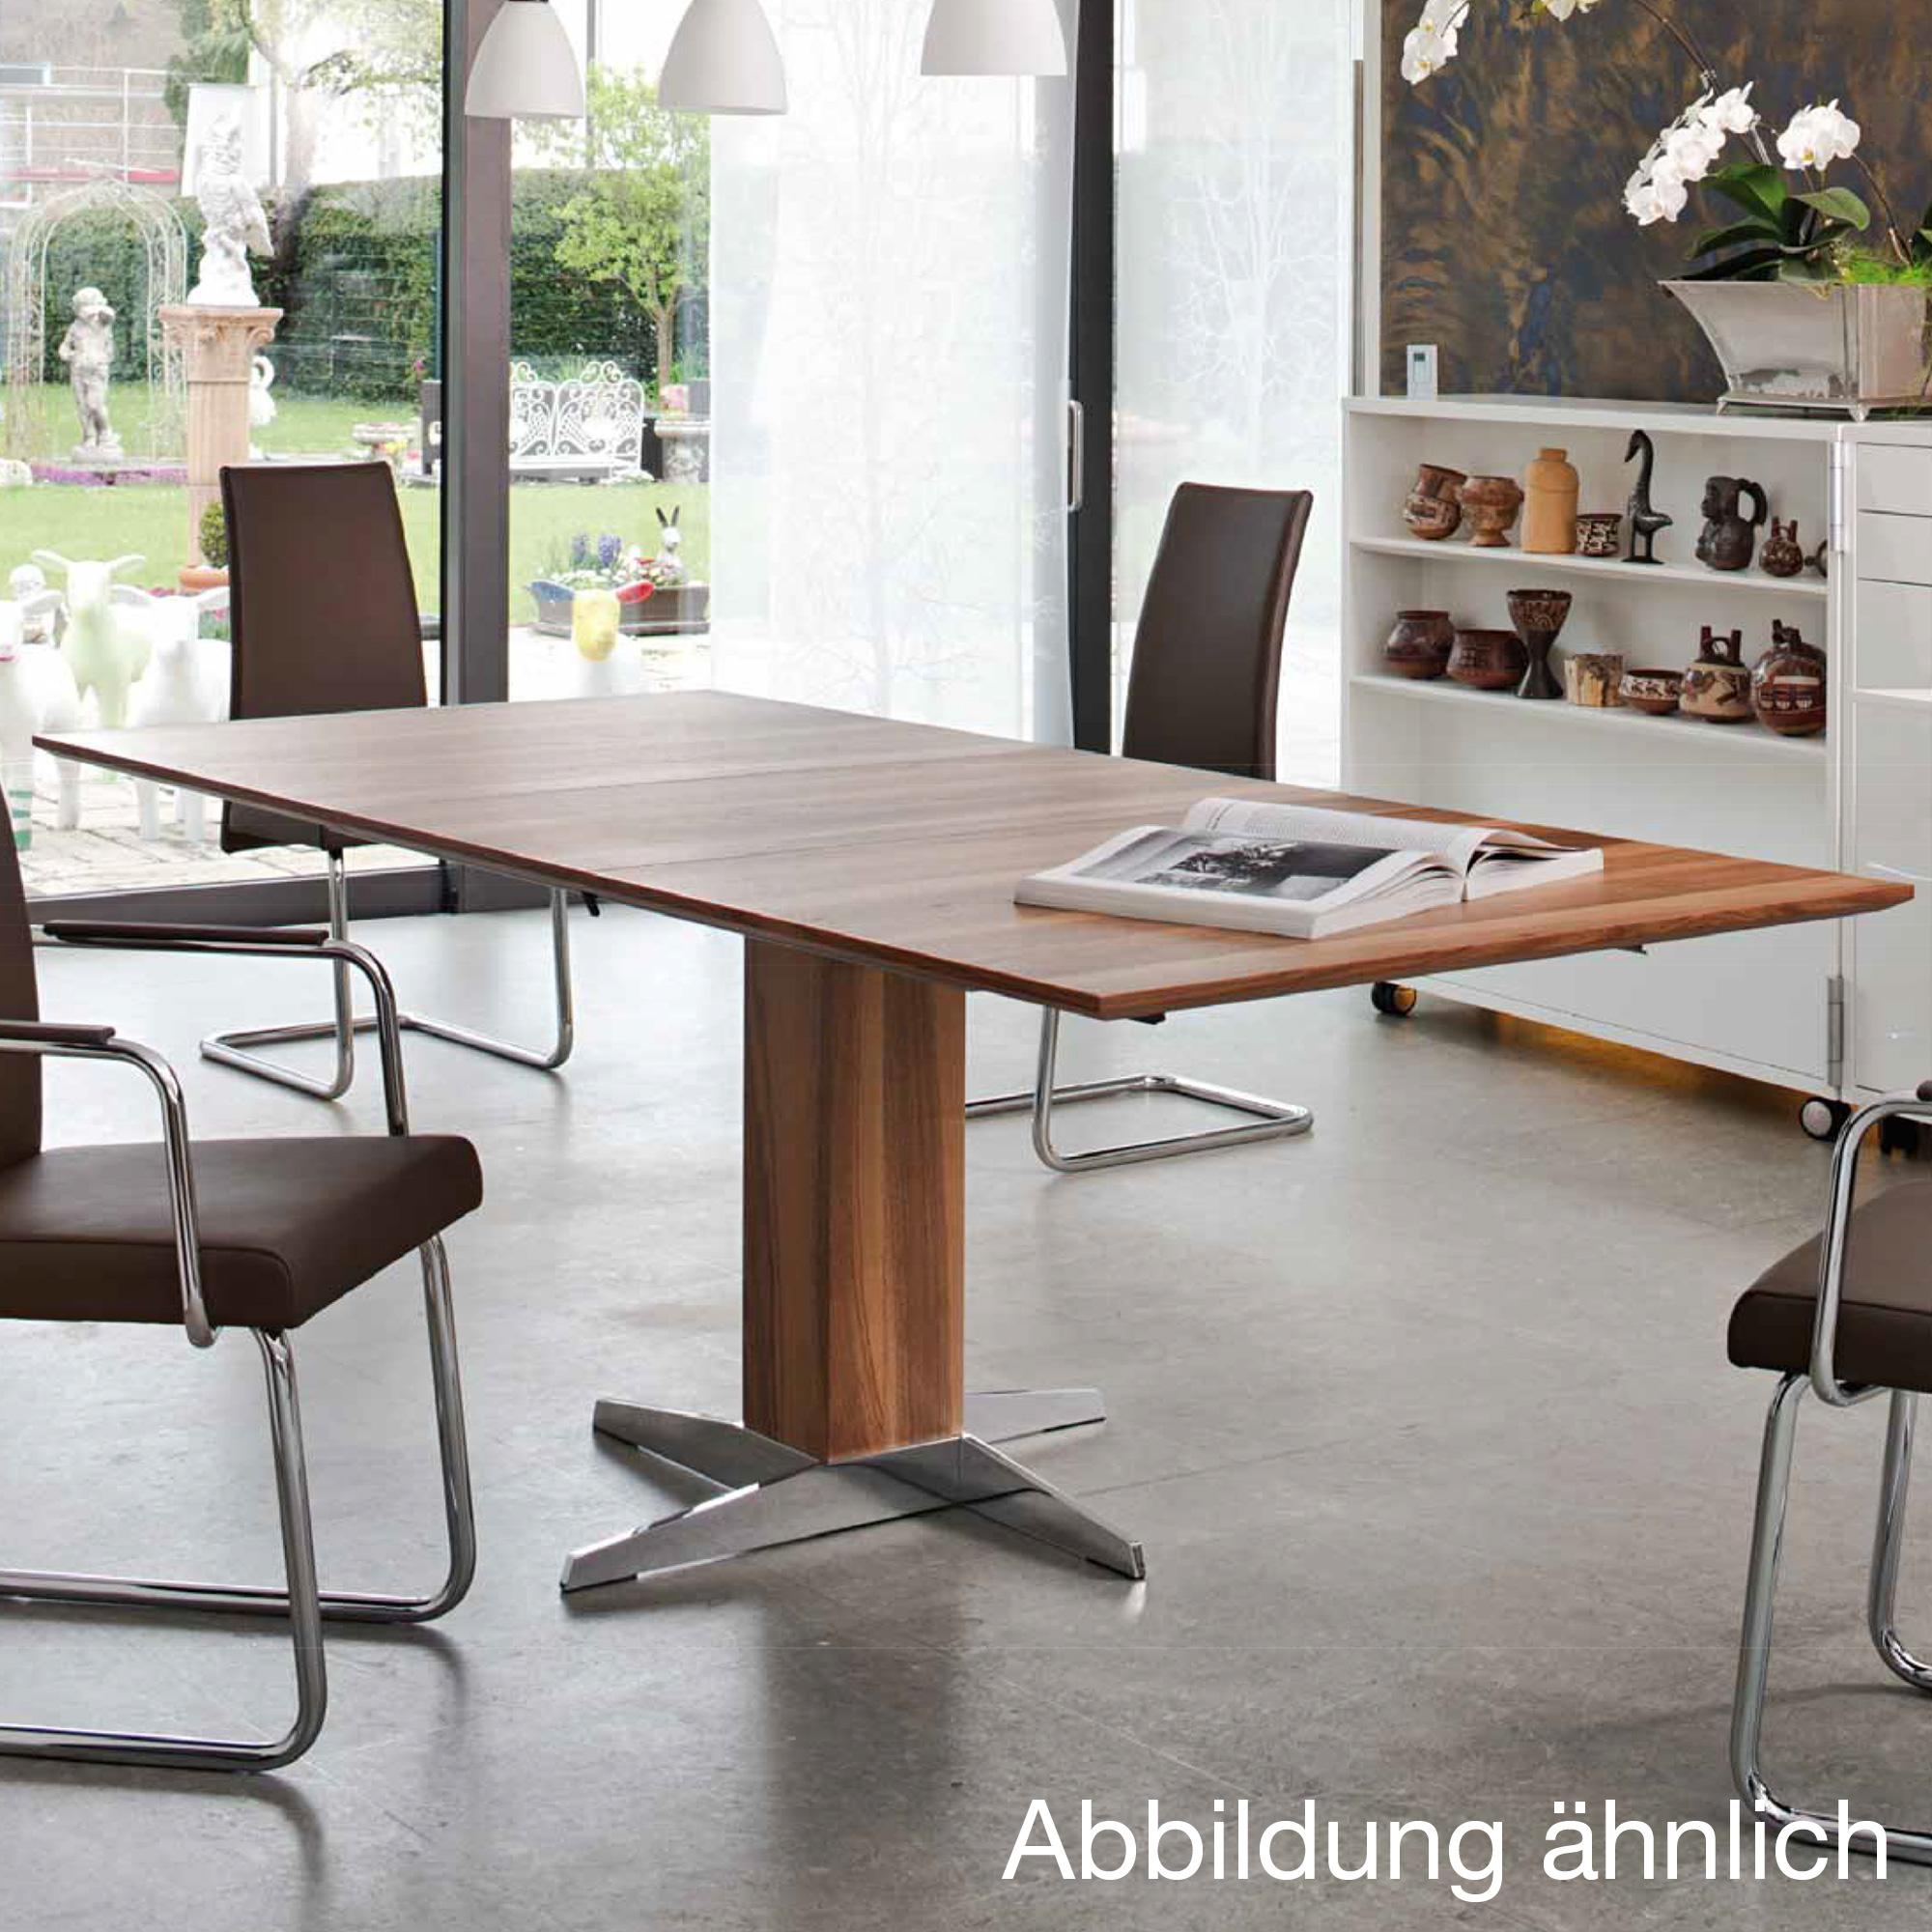 esstisch hoch finest free sthle barhocker kchentisch esstisch ikea in with ikea kchentisch. Black Bedroom Furniture Sets. Home Design Ideas